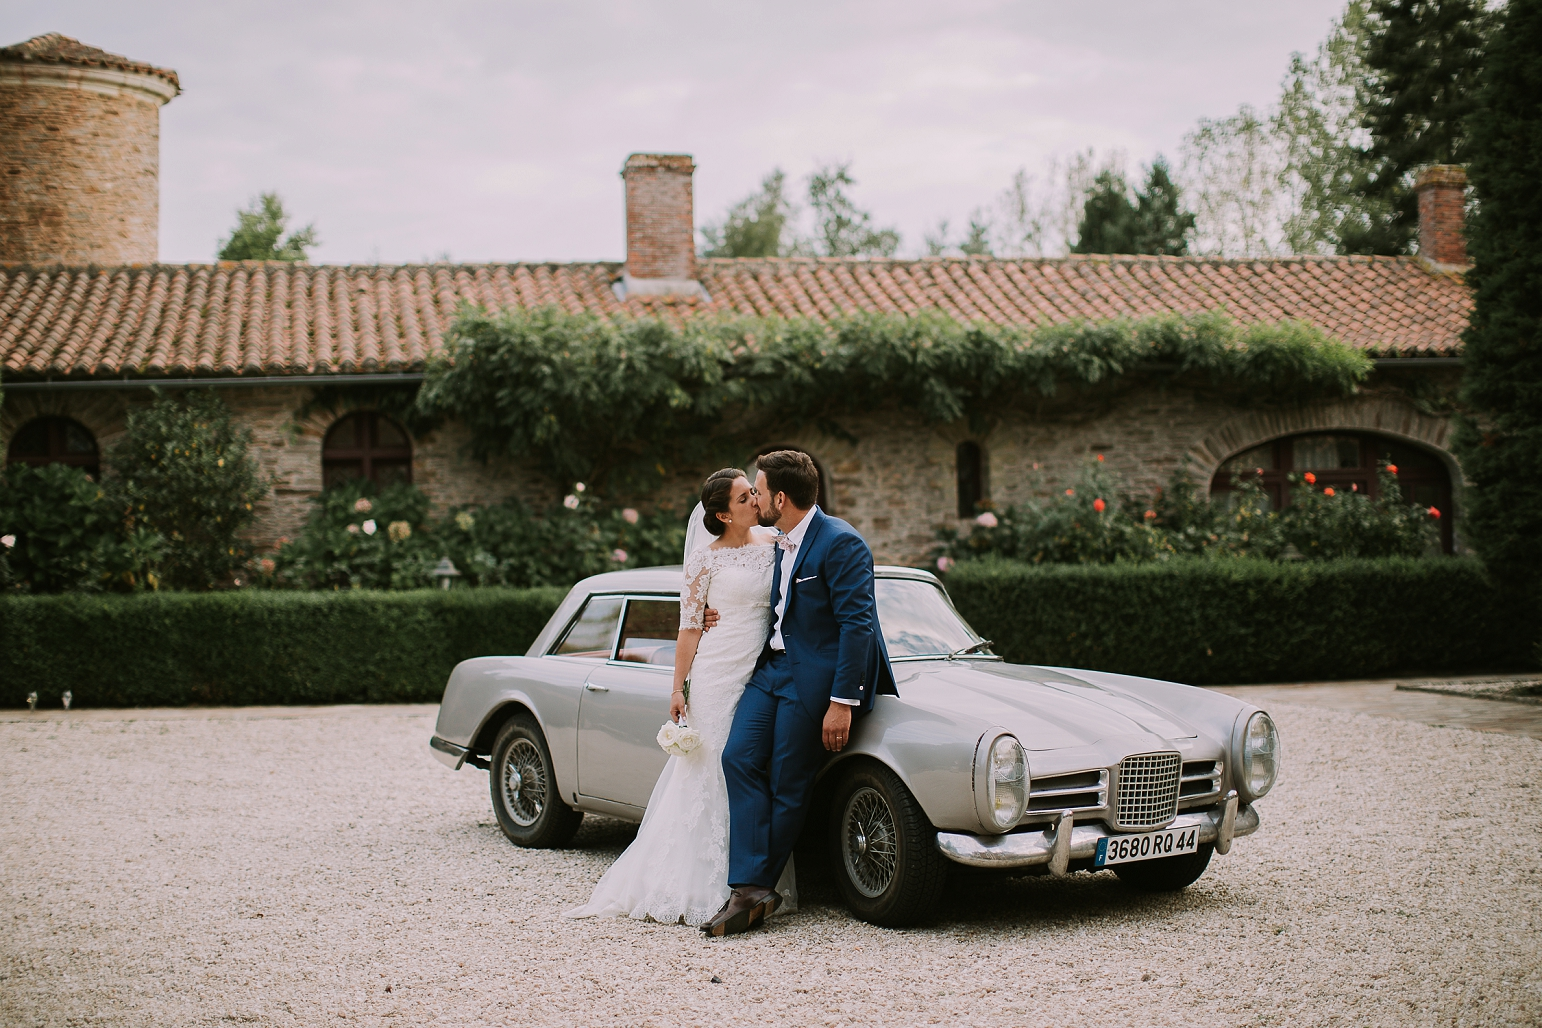 kateryna-photos-mariage-wedding-france-bretagne-pays-de-la-loire-chateau-de-la-colaissiere-st-sauveur-de-landemont_0079.jpg